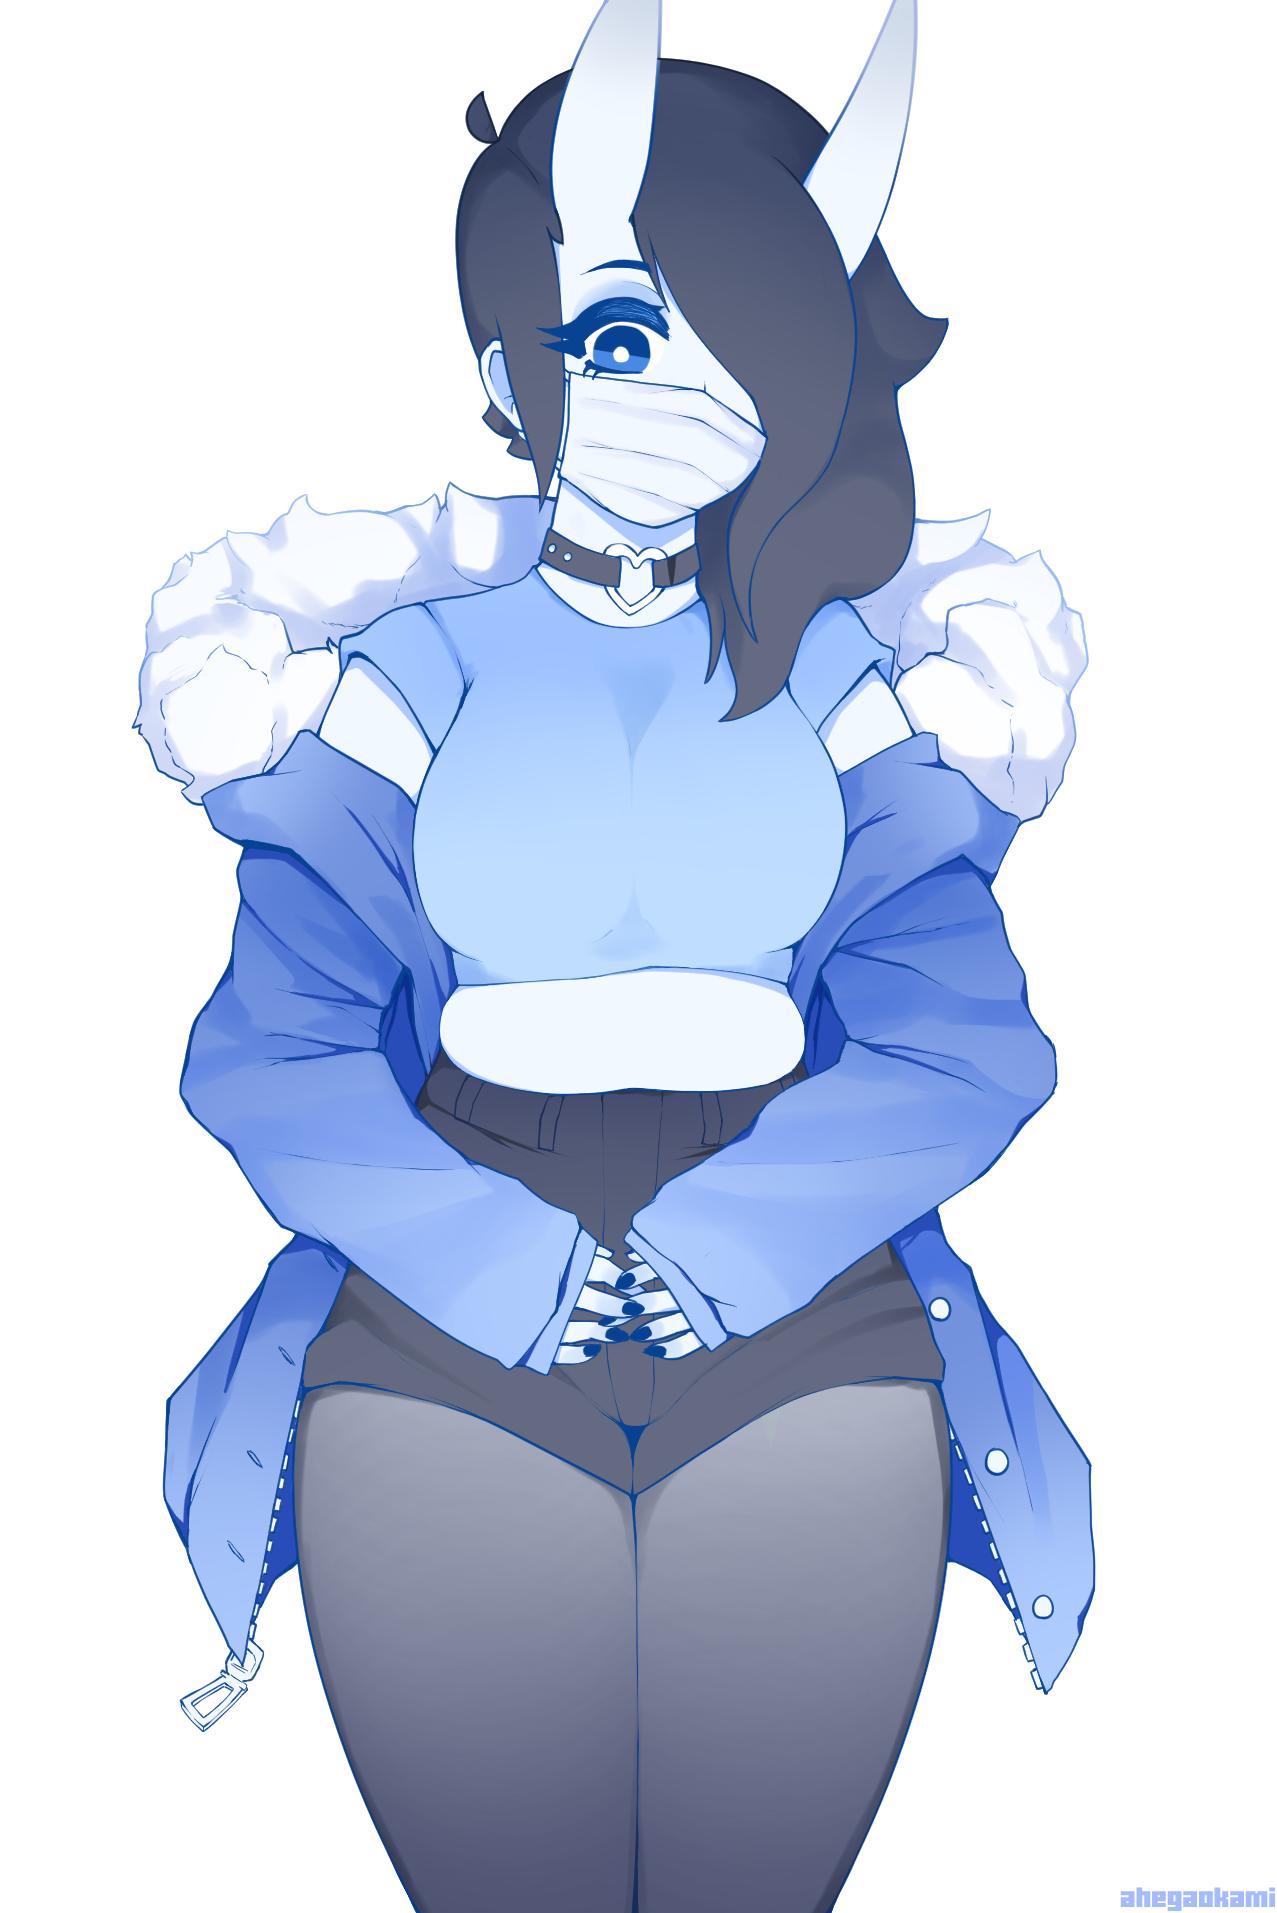 Big coat, small top